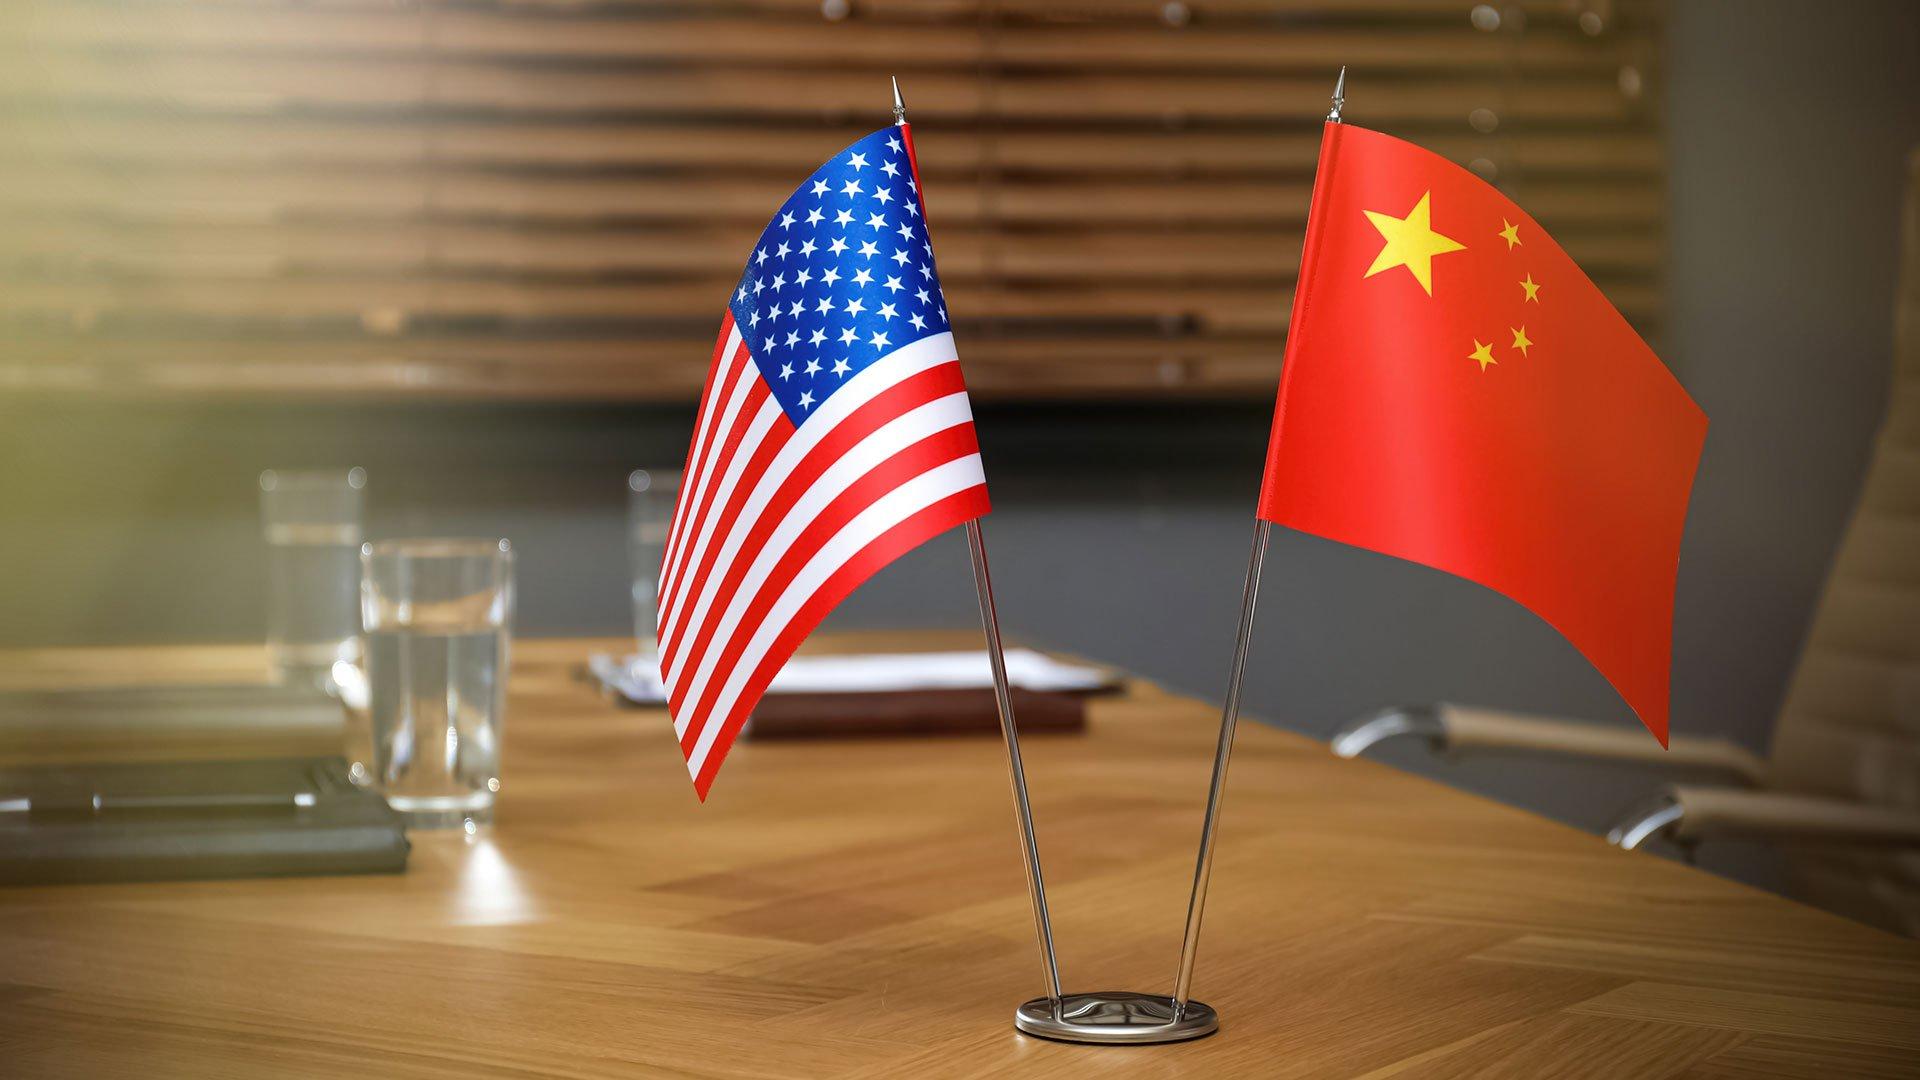 Flaggen von China und USA auf einem Schreibtisch